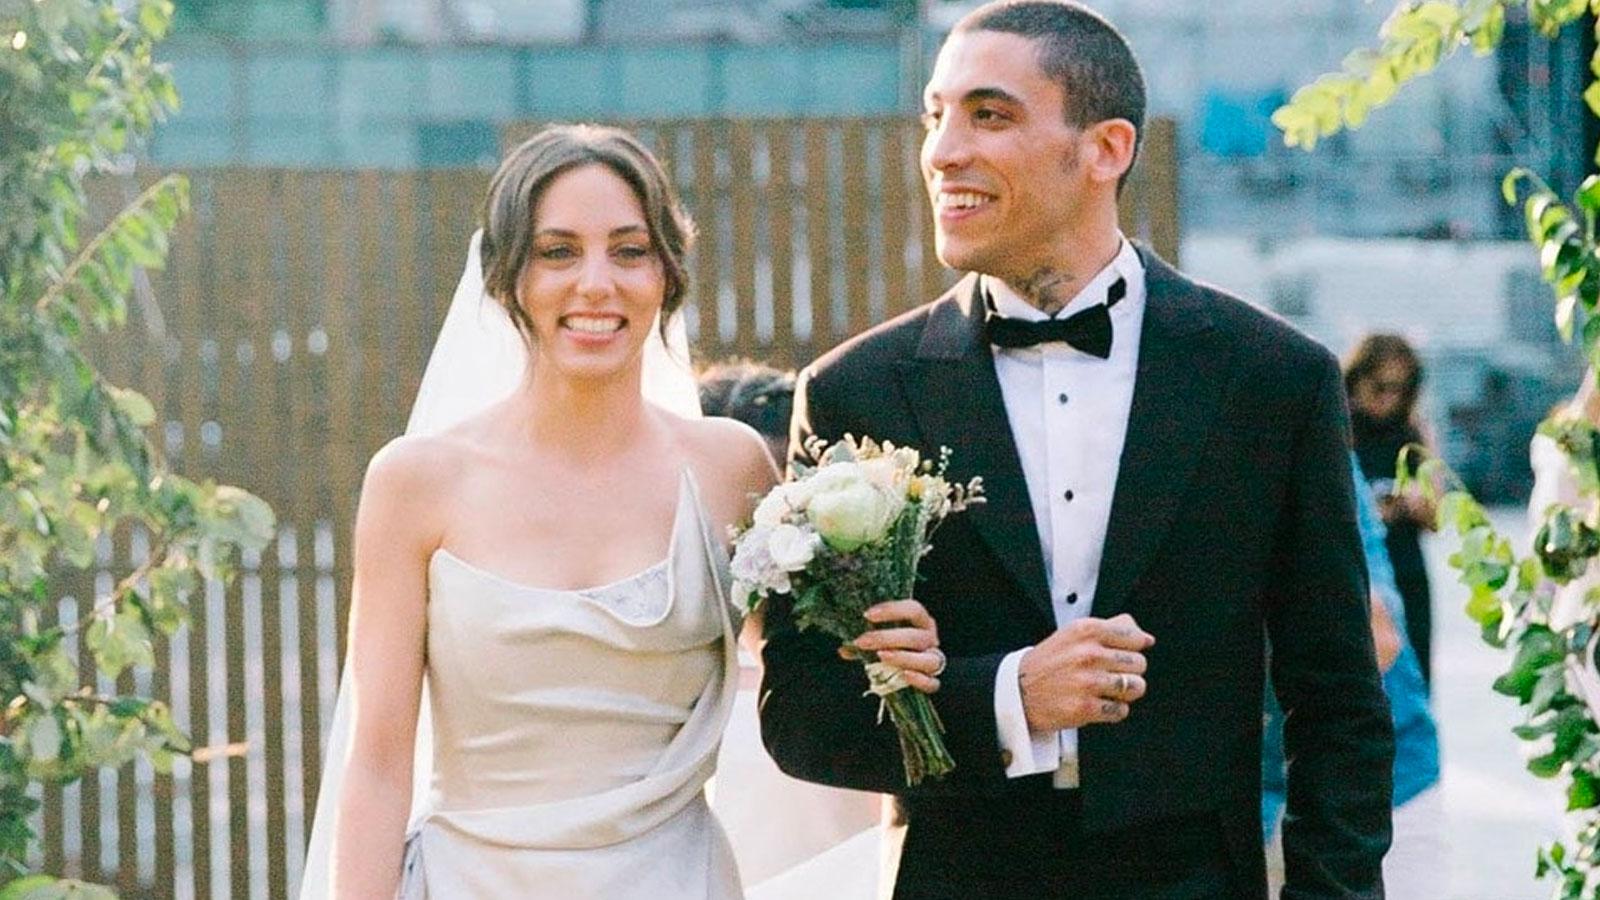 Öykü Karayel (L) and her husband Can Bonomo